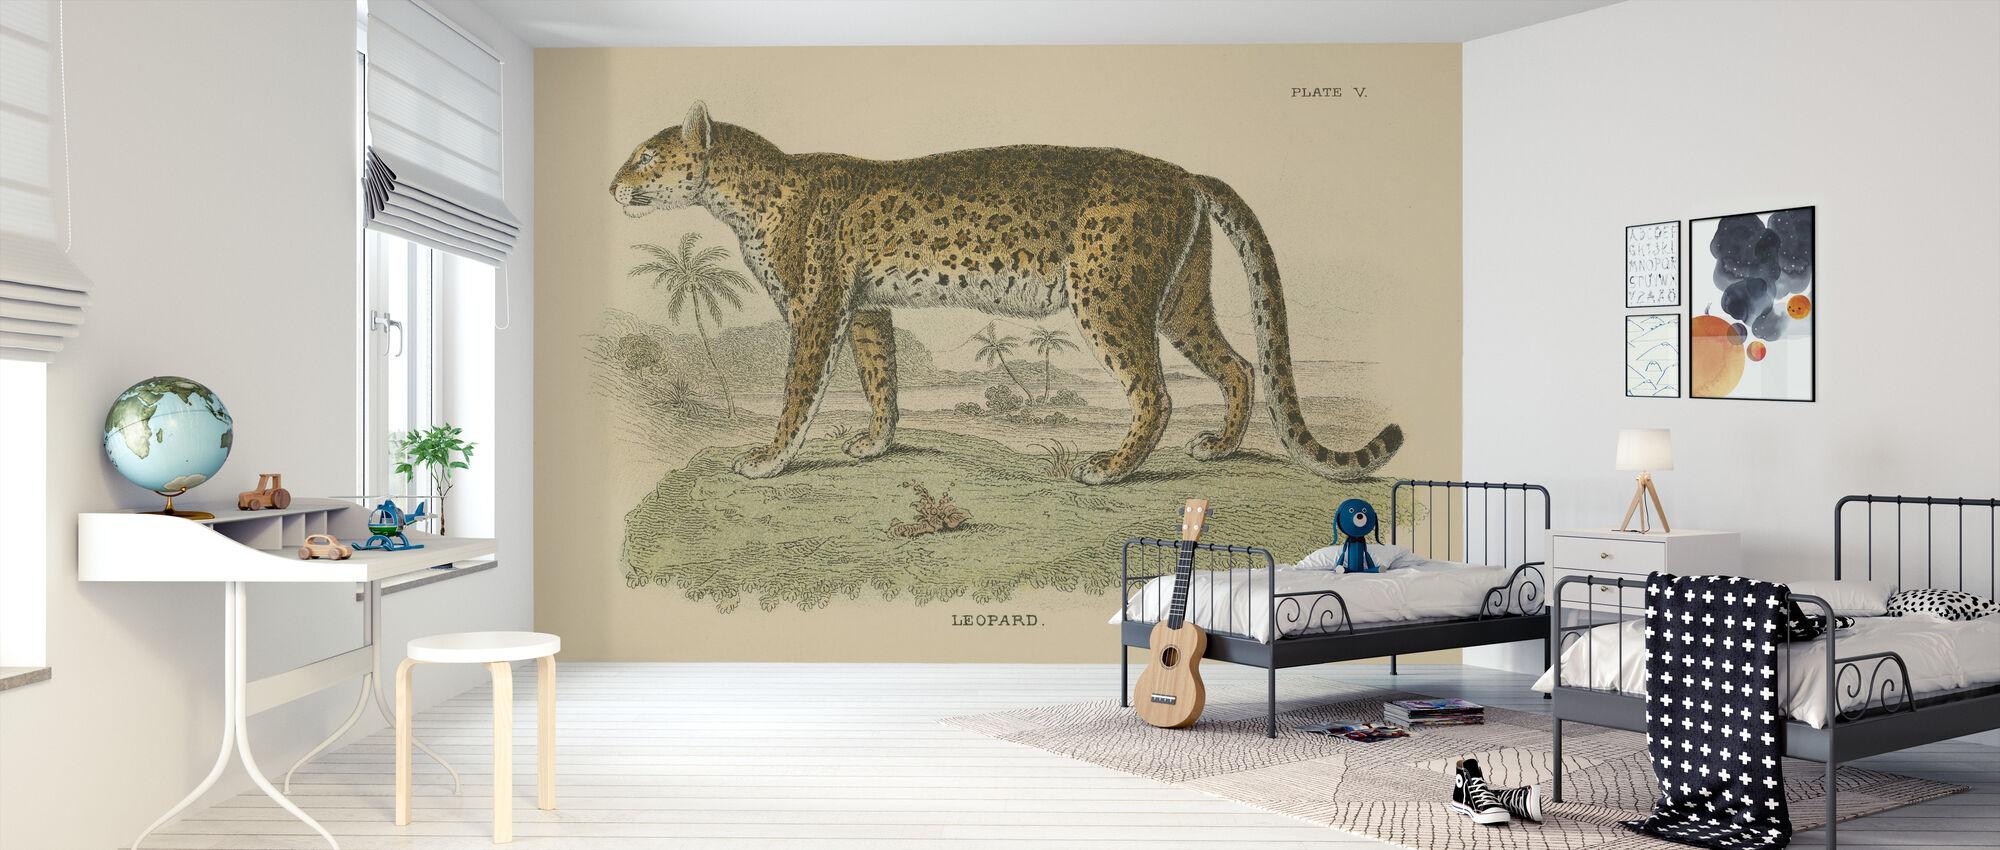 Vintage Leopard - Tapet - Barnerom